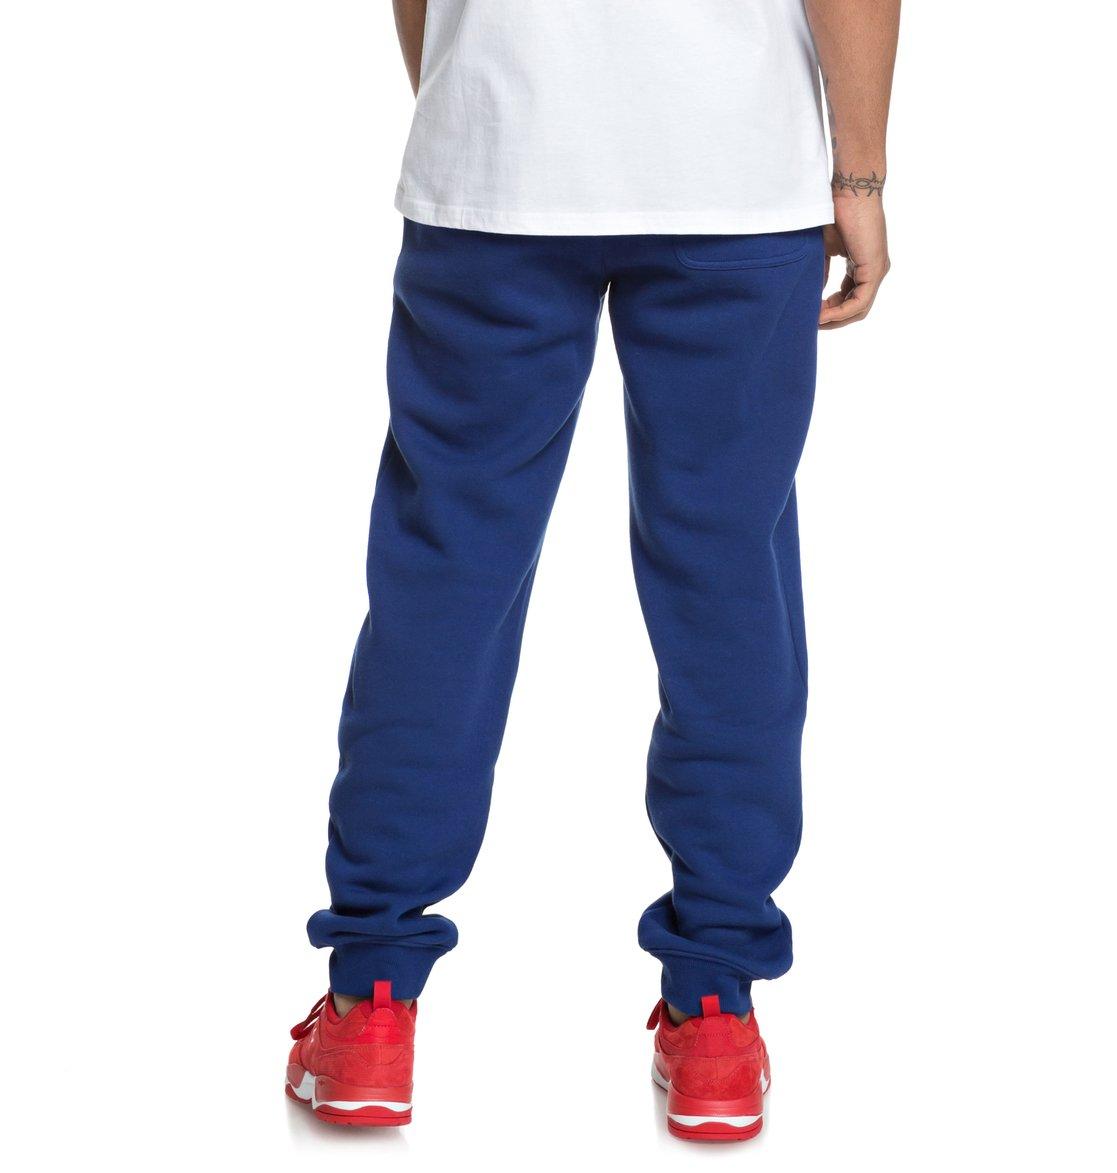 Joggingbroek Denim Heren.Clewiston Joggingbroek Voor Heren Edyfb03052 Dc Shoes